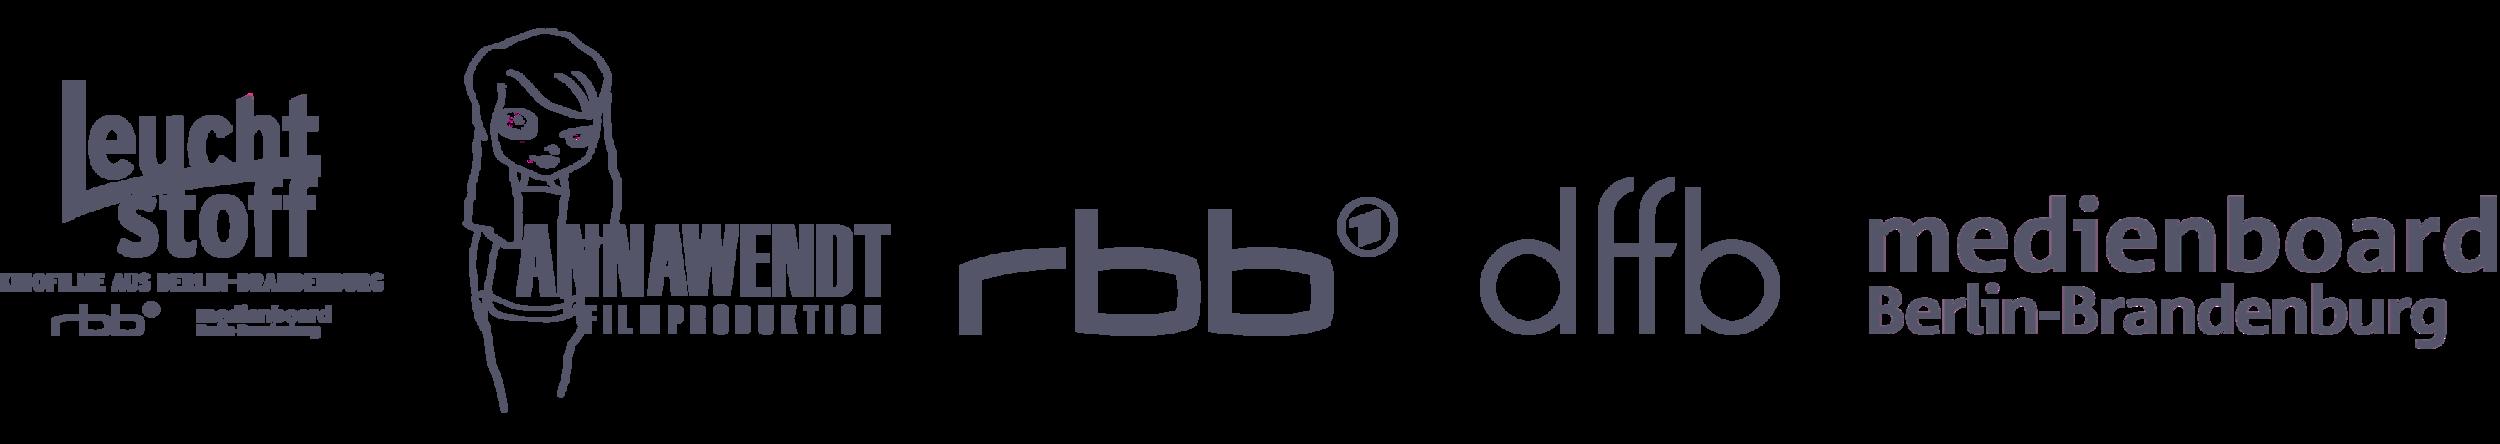 Logozeile_Schu_grau.png